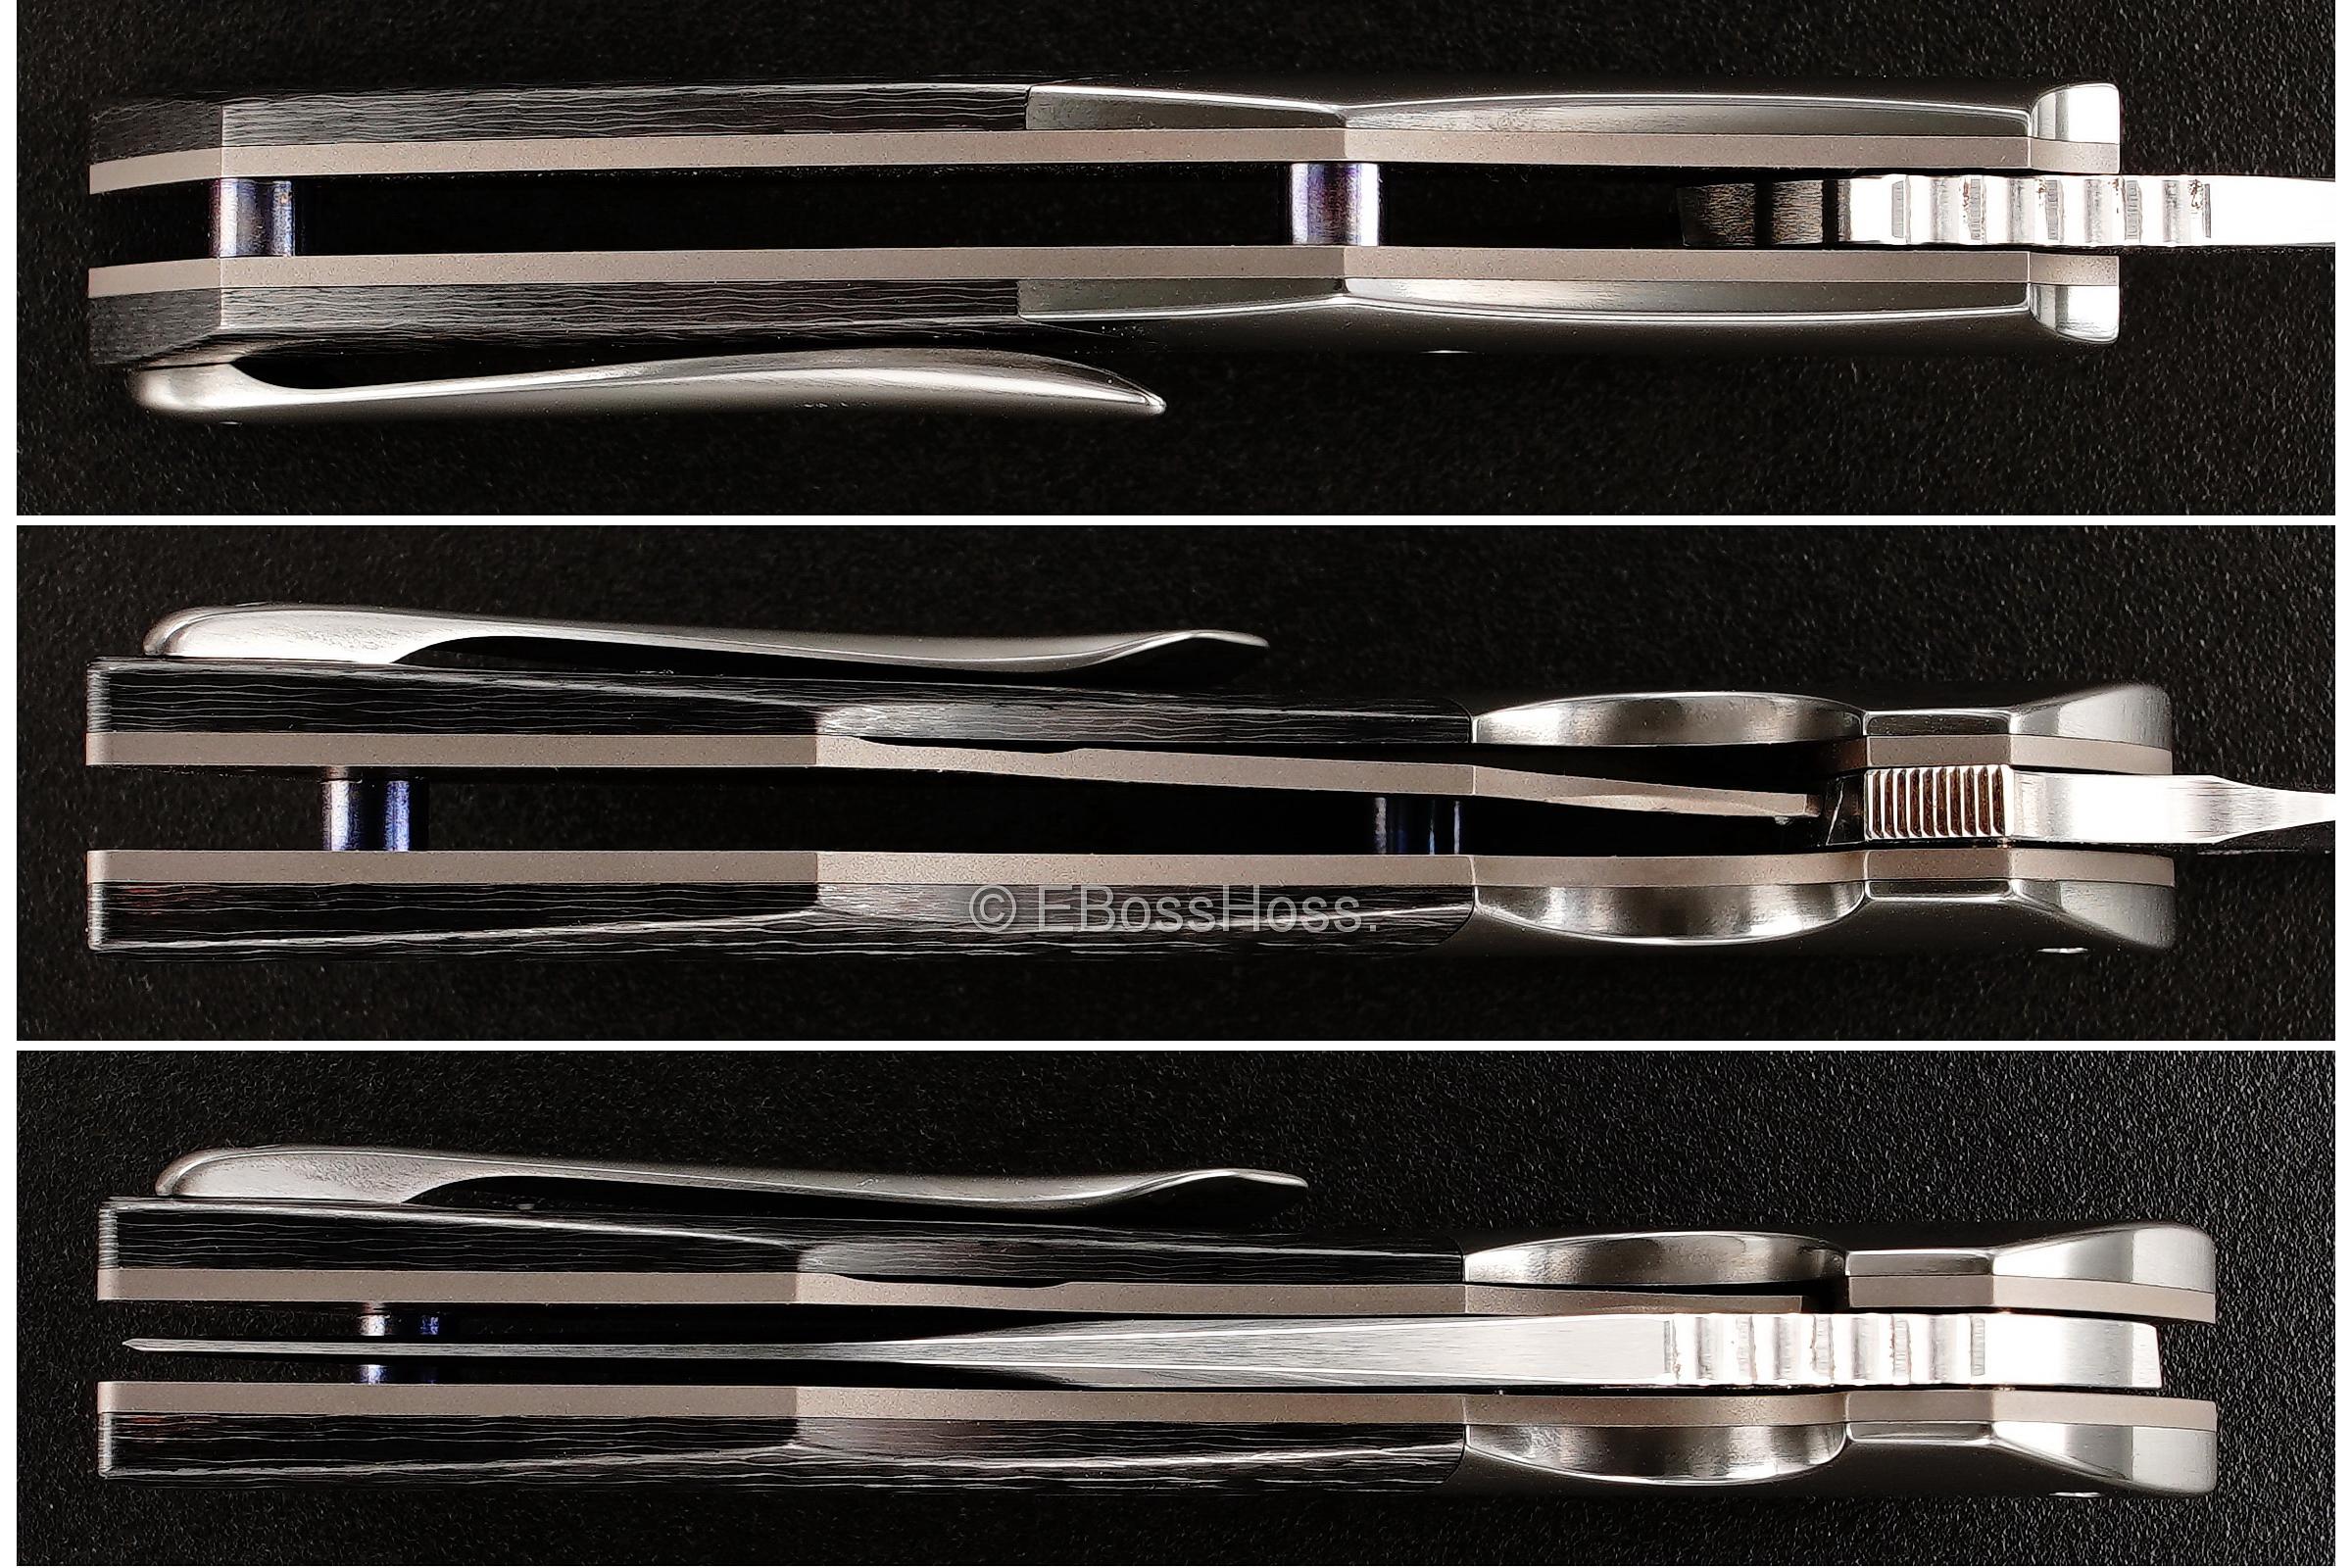 JUST IN: Jeremy Marsh Custom Deluxe Satrap Flipper - Marked PROTOTYPE